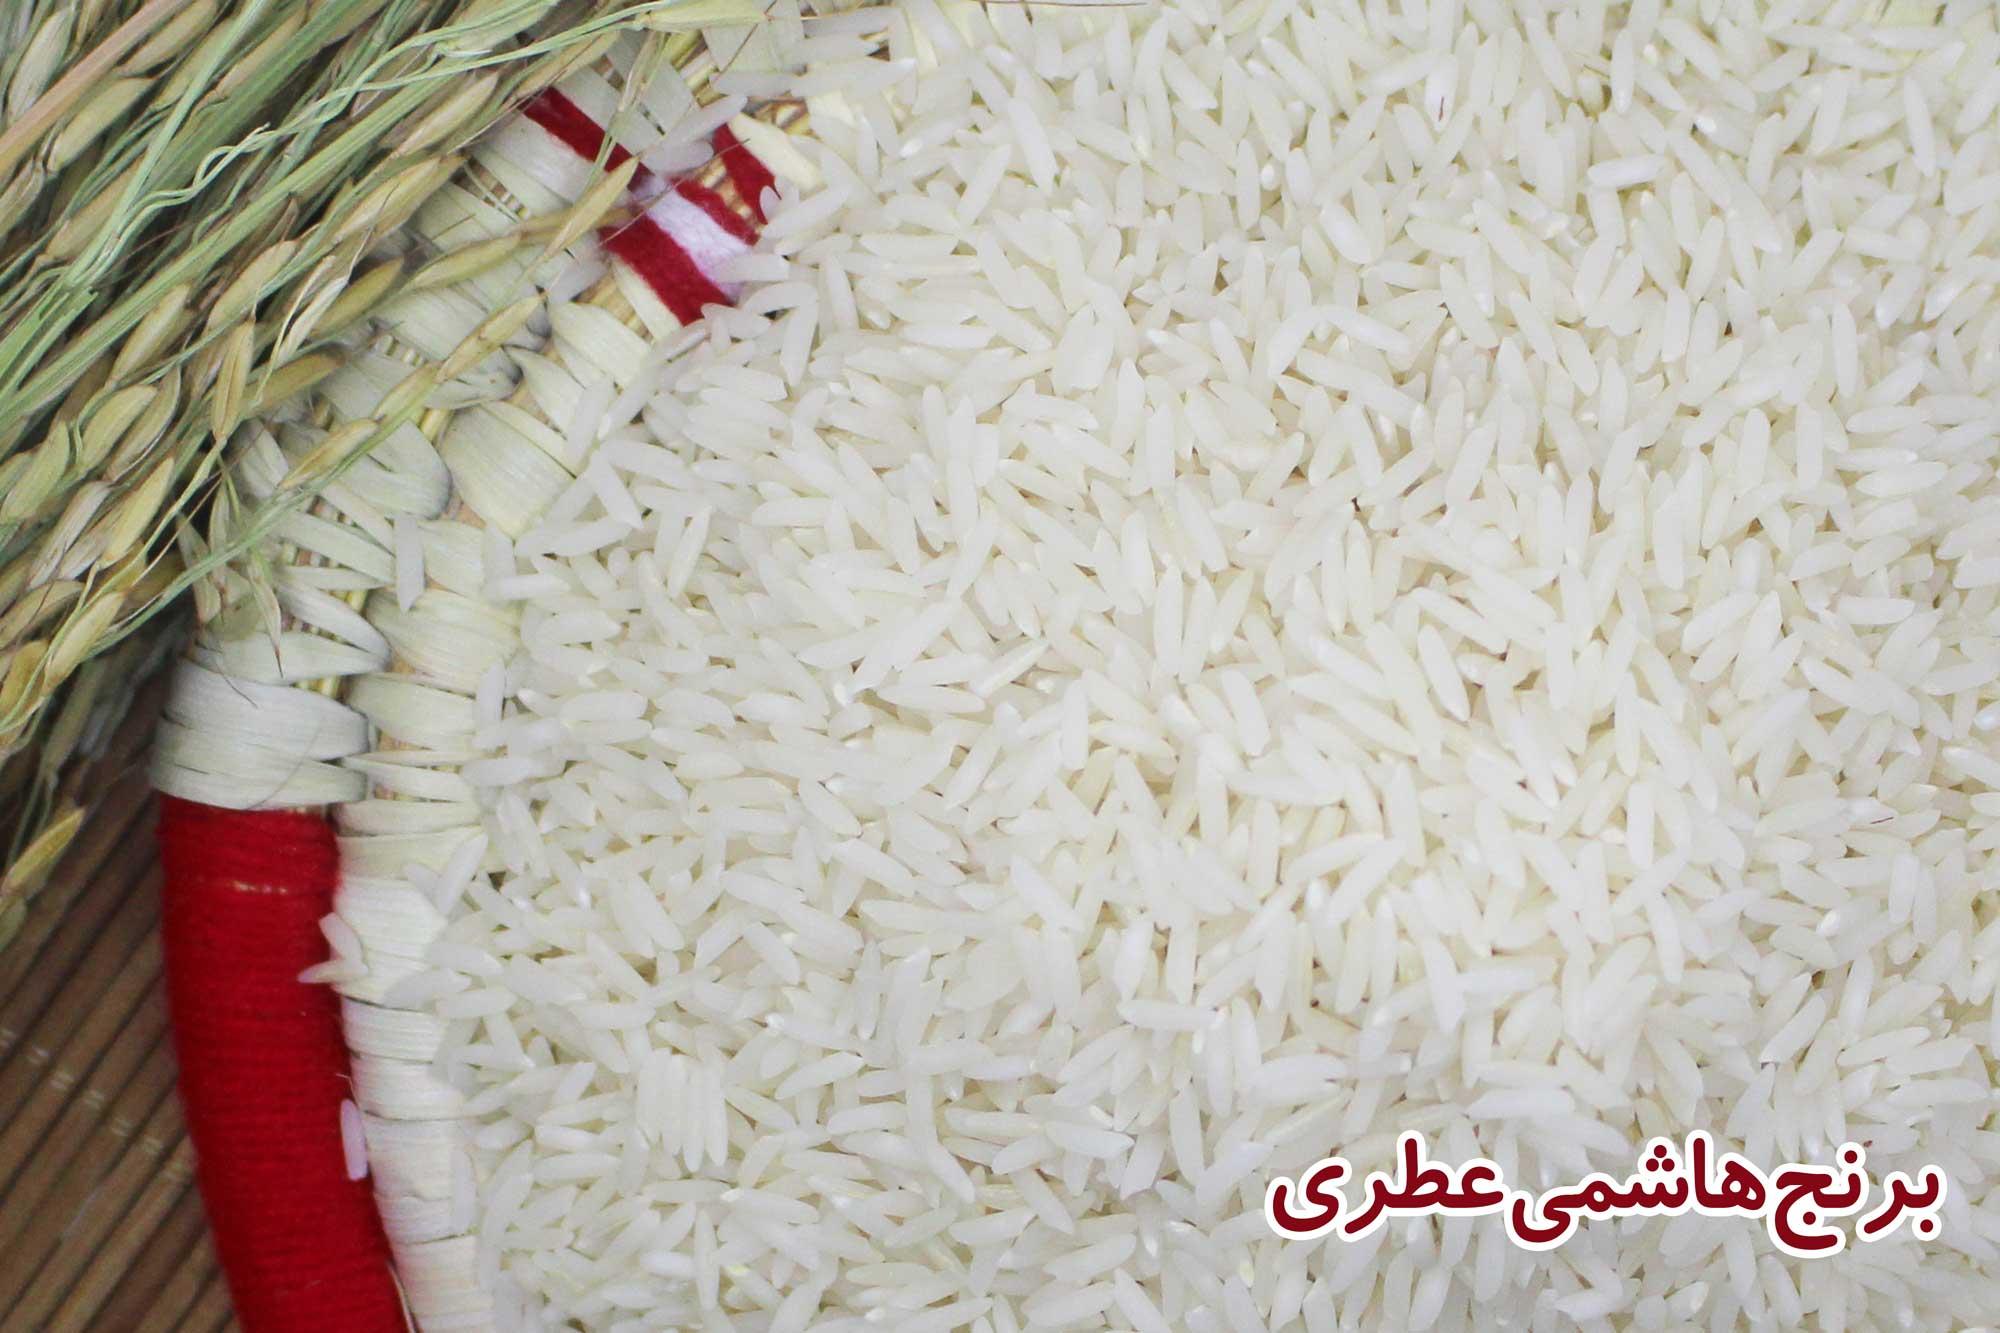 خرید برنج هاشمی درجه یک